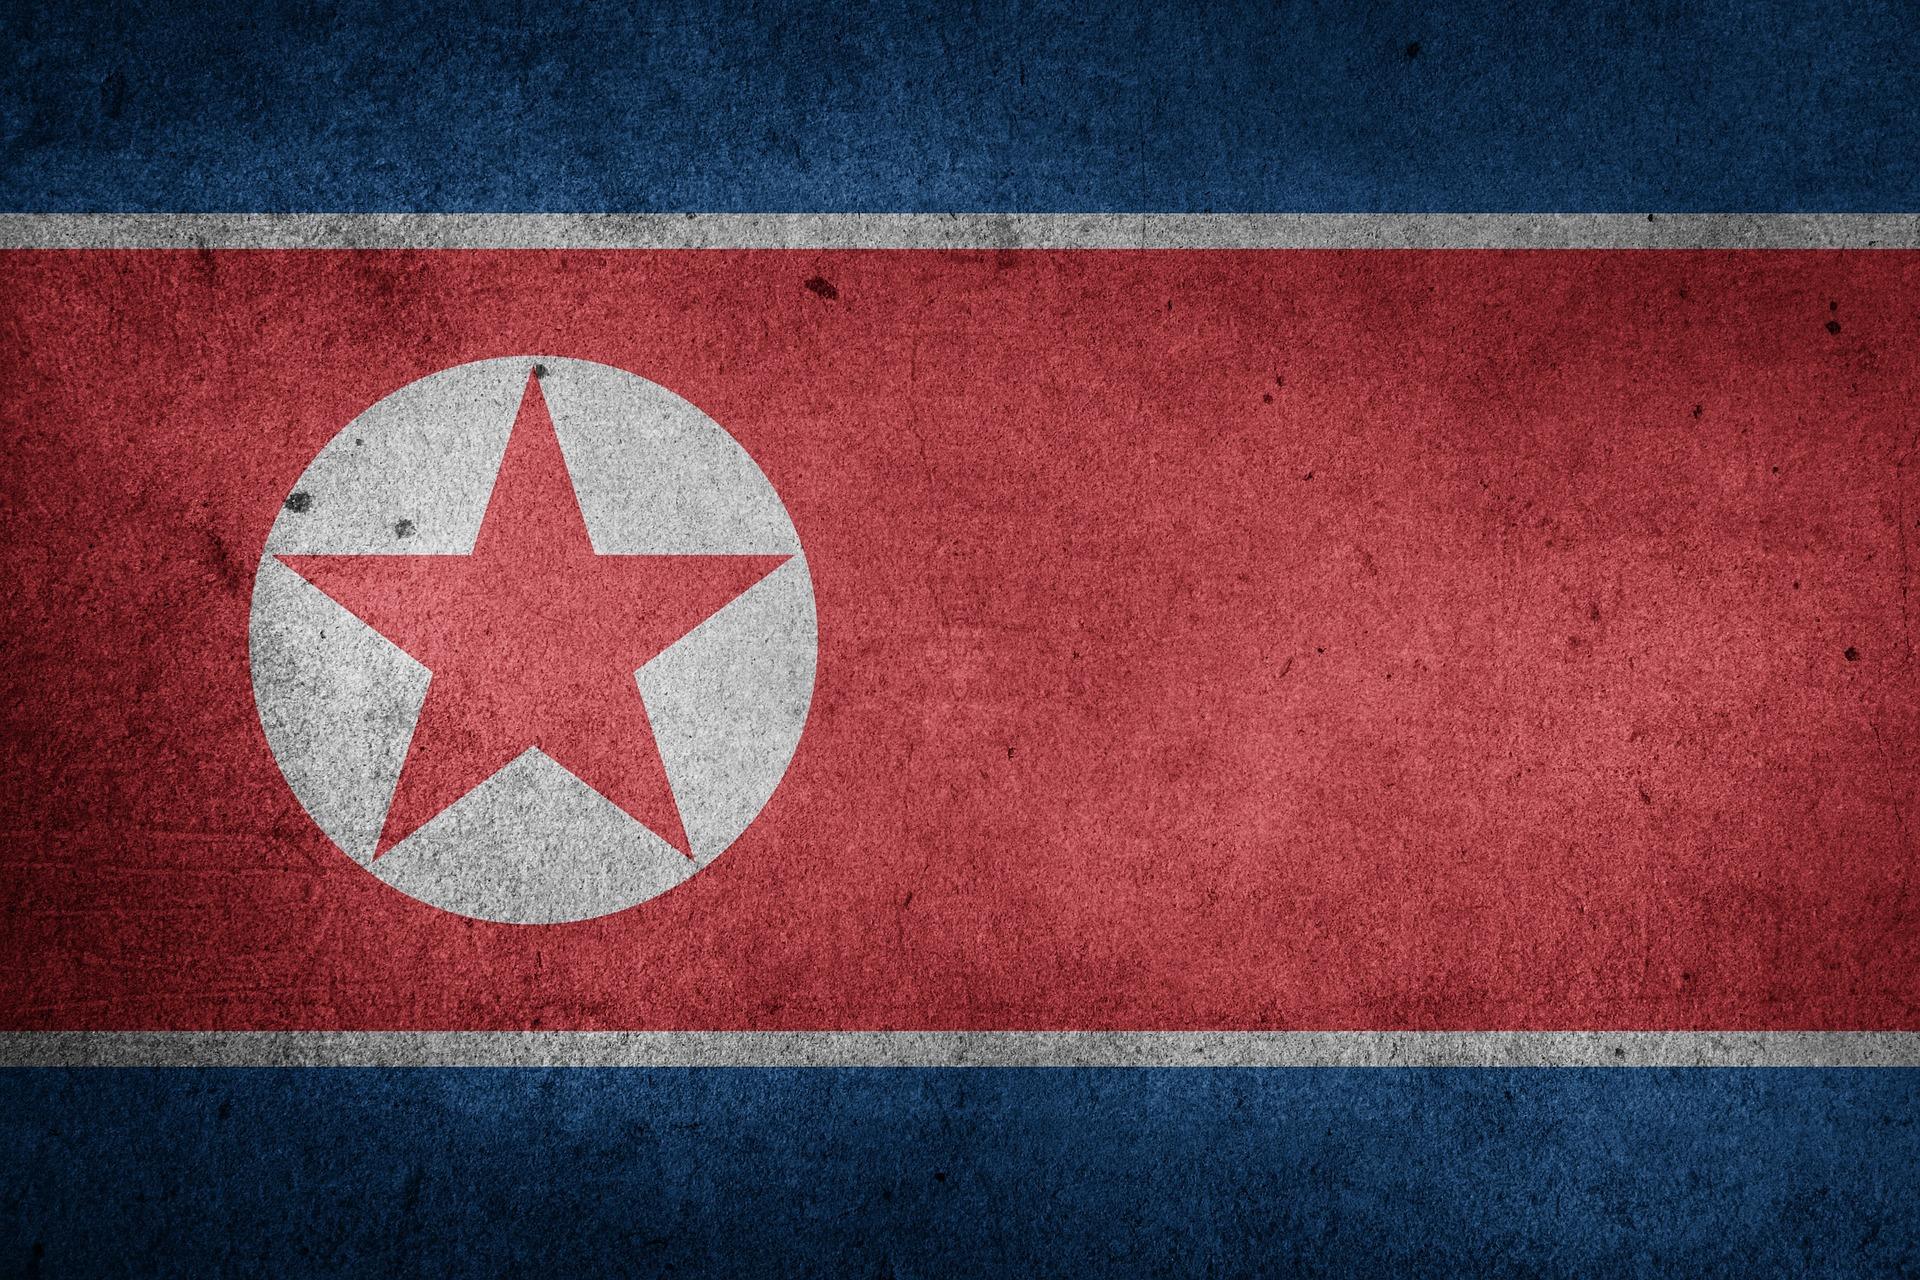 Des appareils Bluetooth ont été visés par une cyberattaque attribuée à des hackers nord-coréens